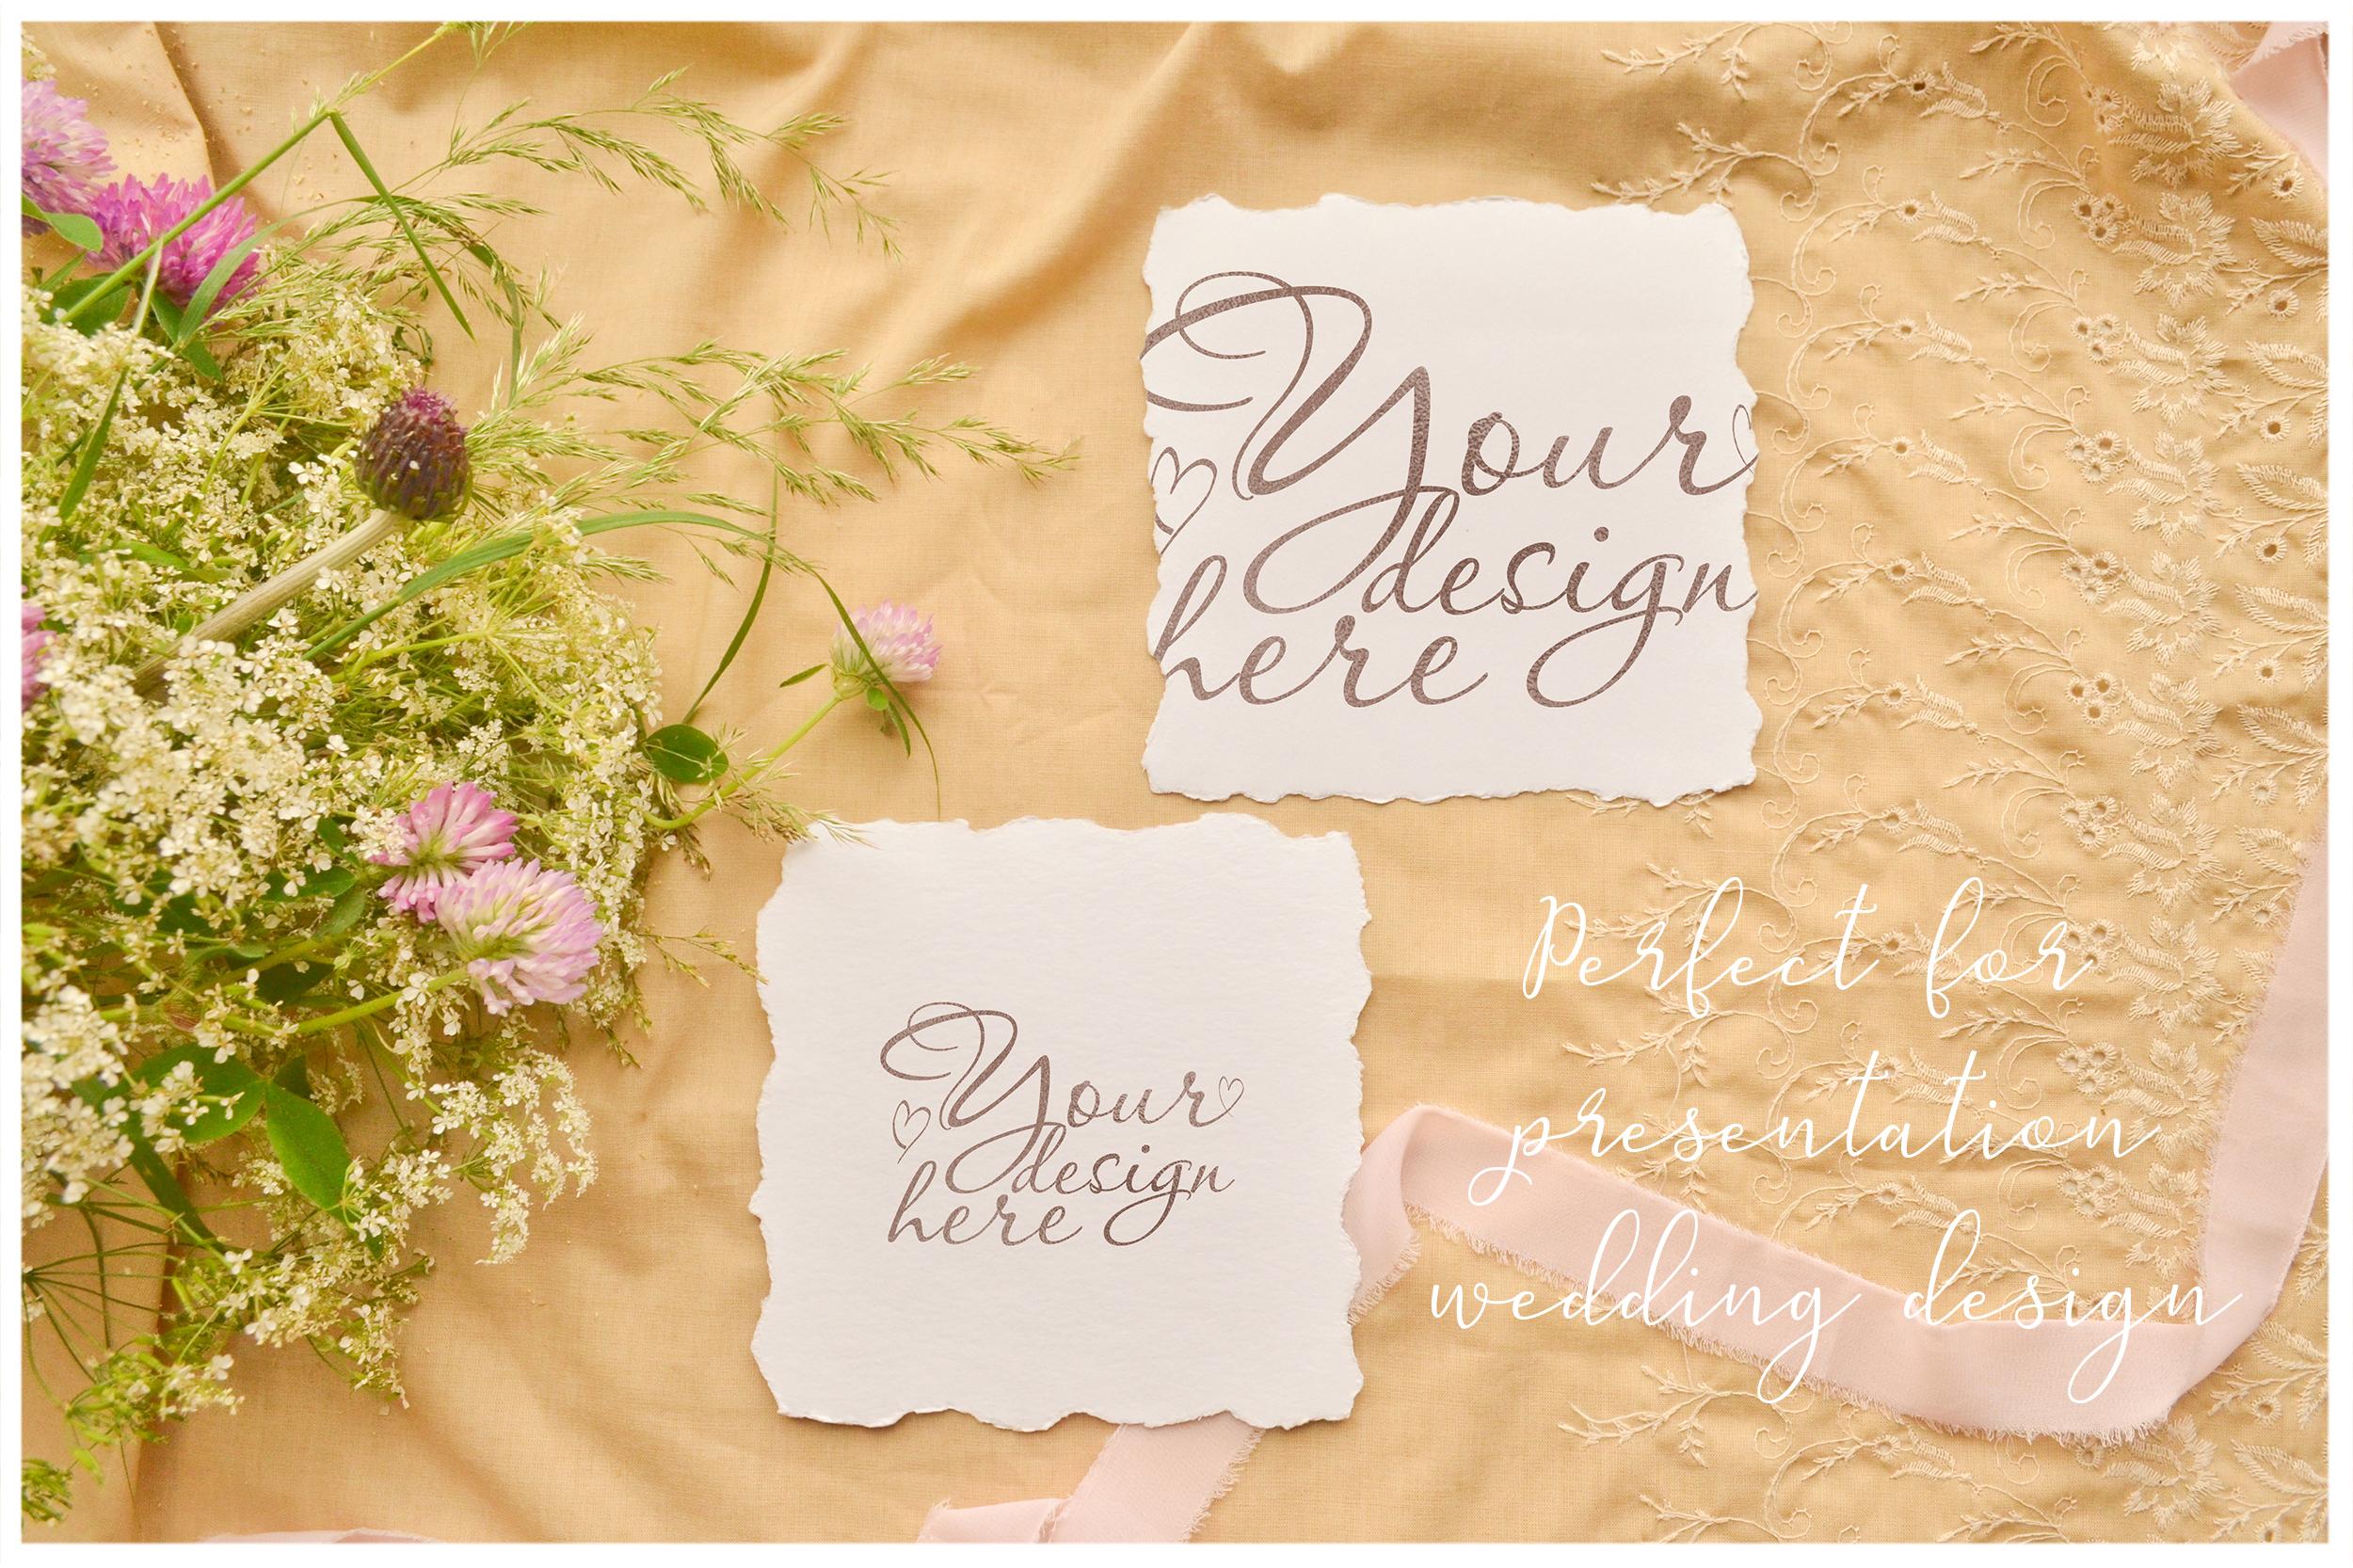 Honey Meadow. Wedding mockups & stock photo bundle example image 13